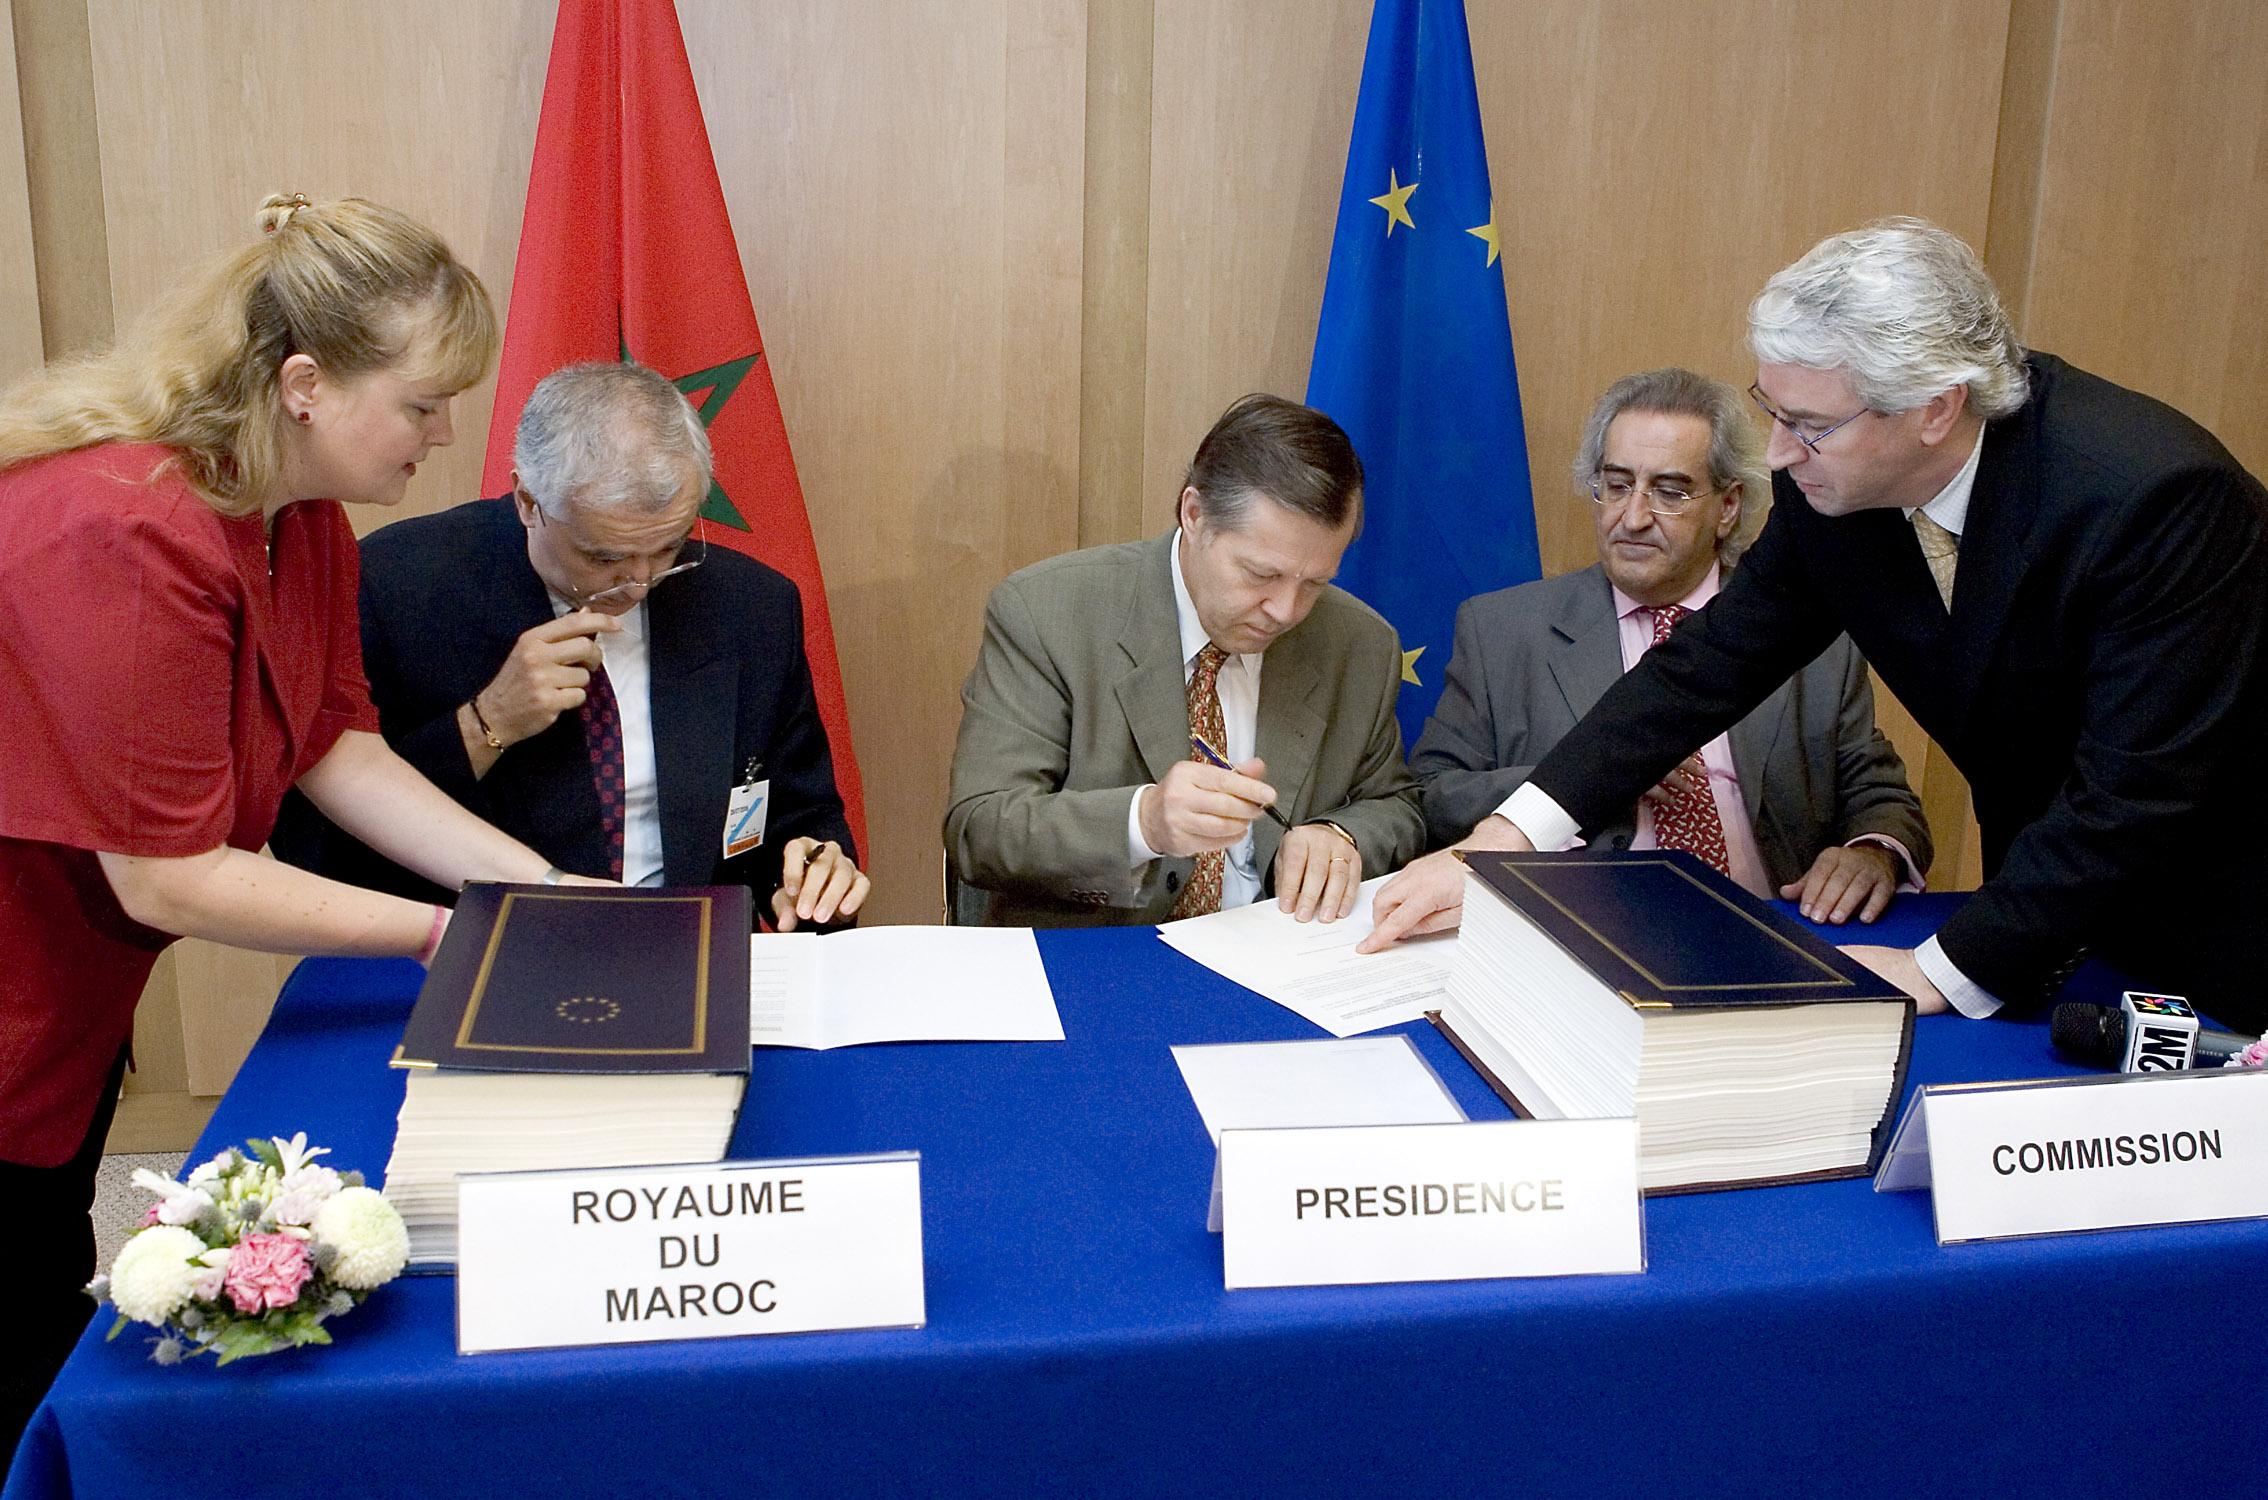 La volonté d'indépendance économique du Maroc vis-à-vis de l'Union Européenne